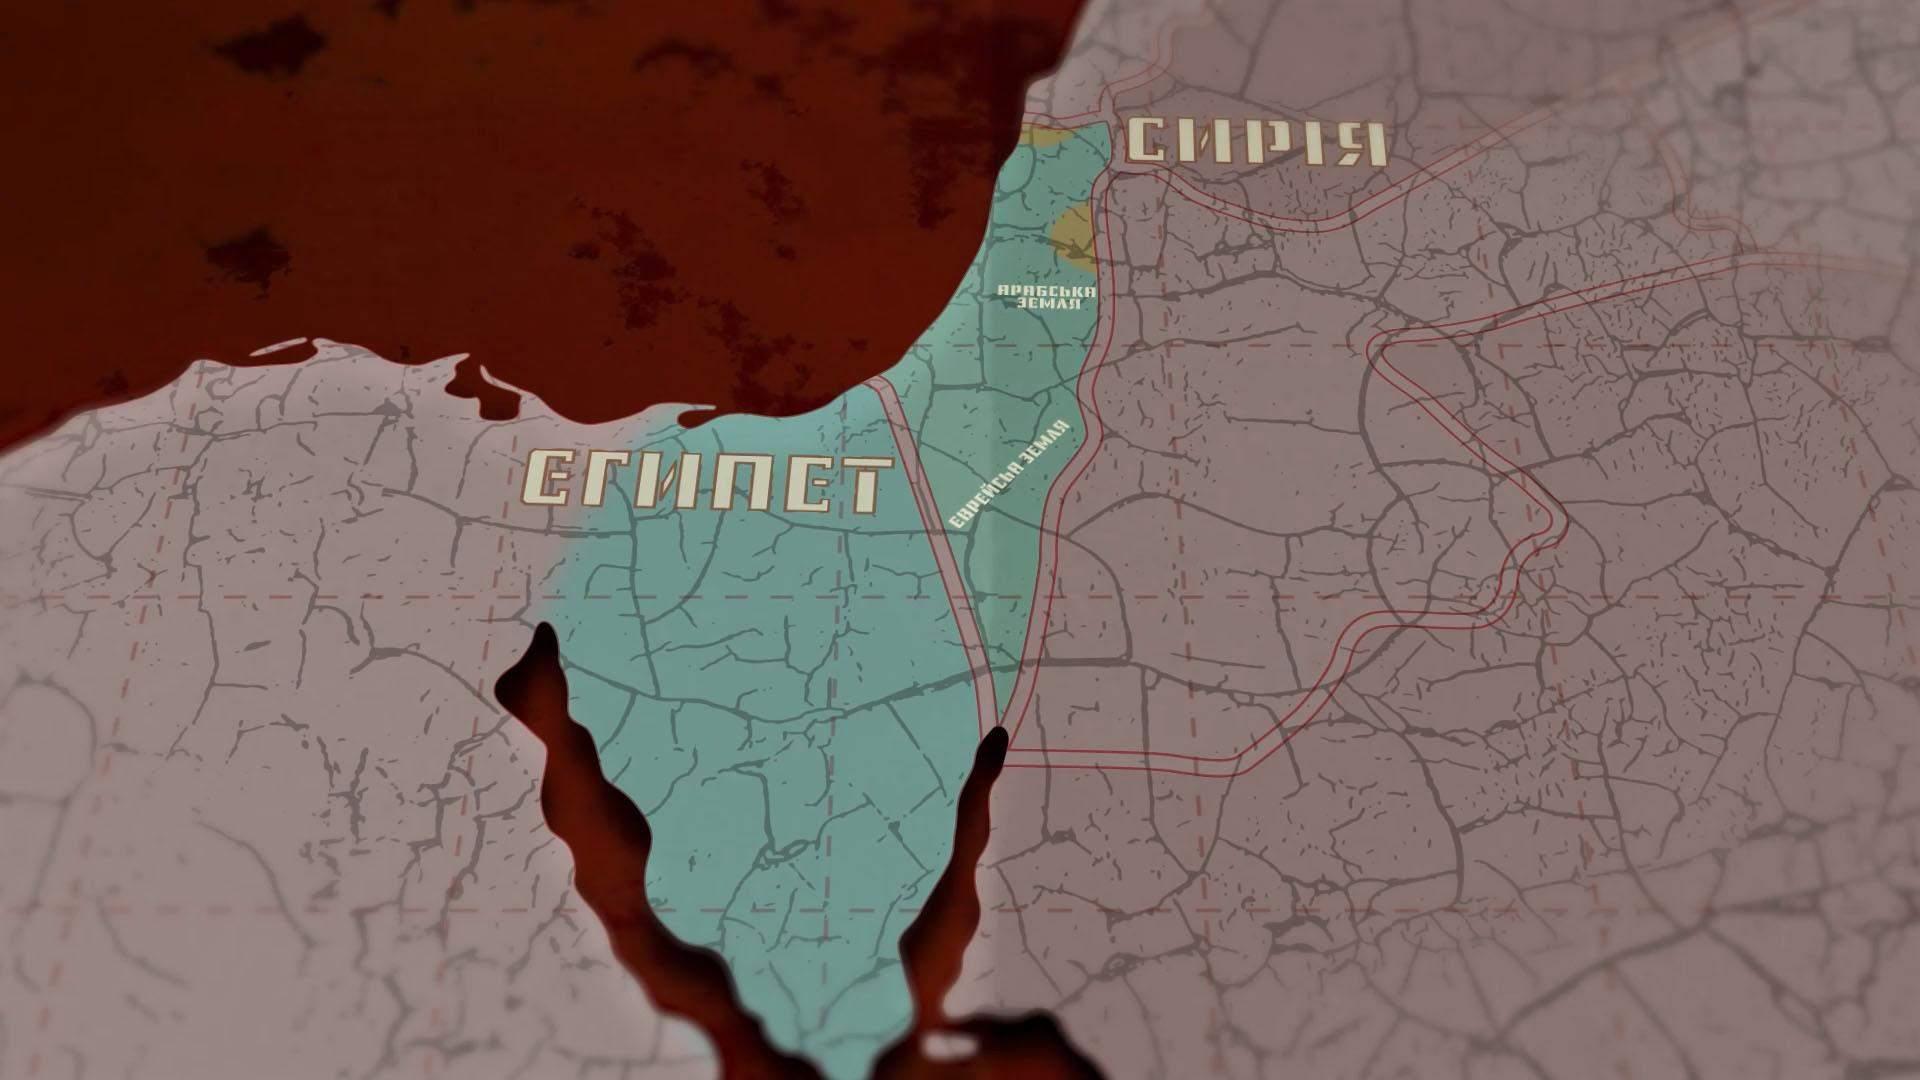 Конфлікт на Близькому Сході